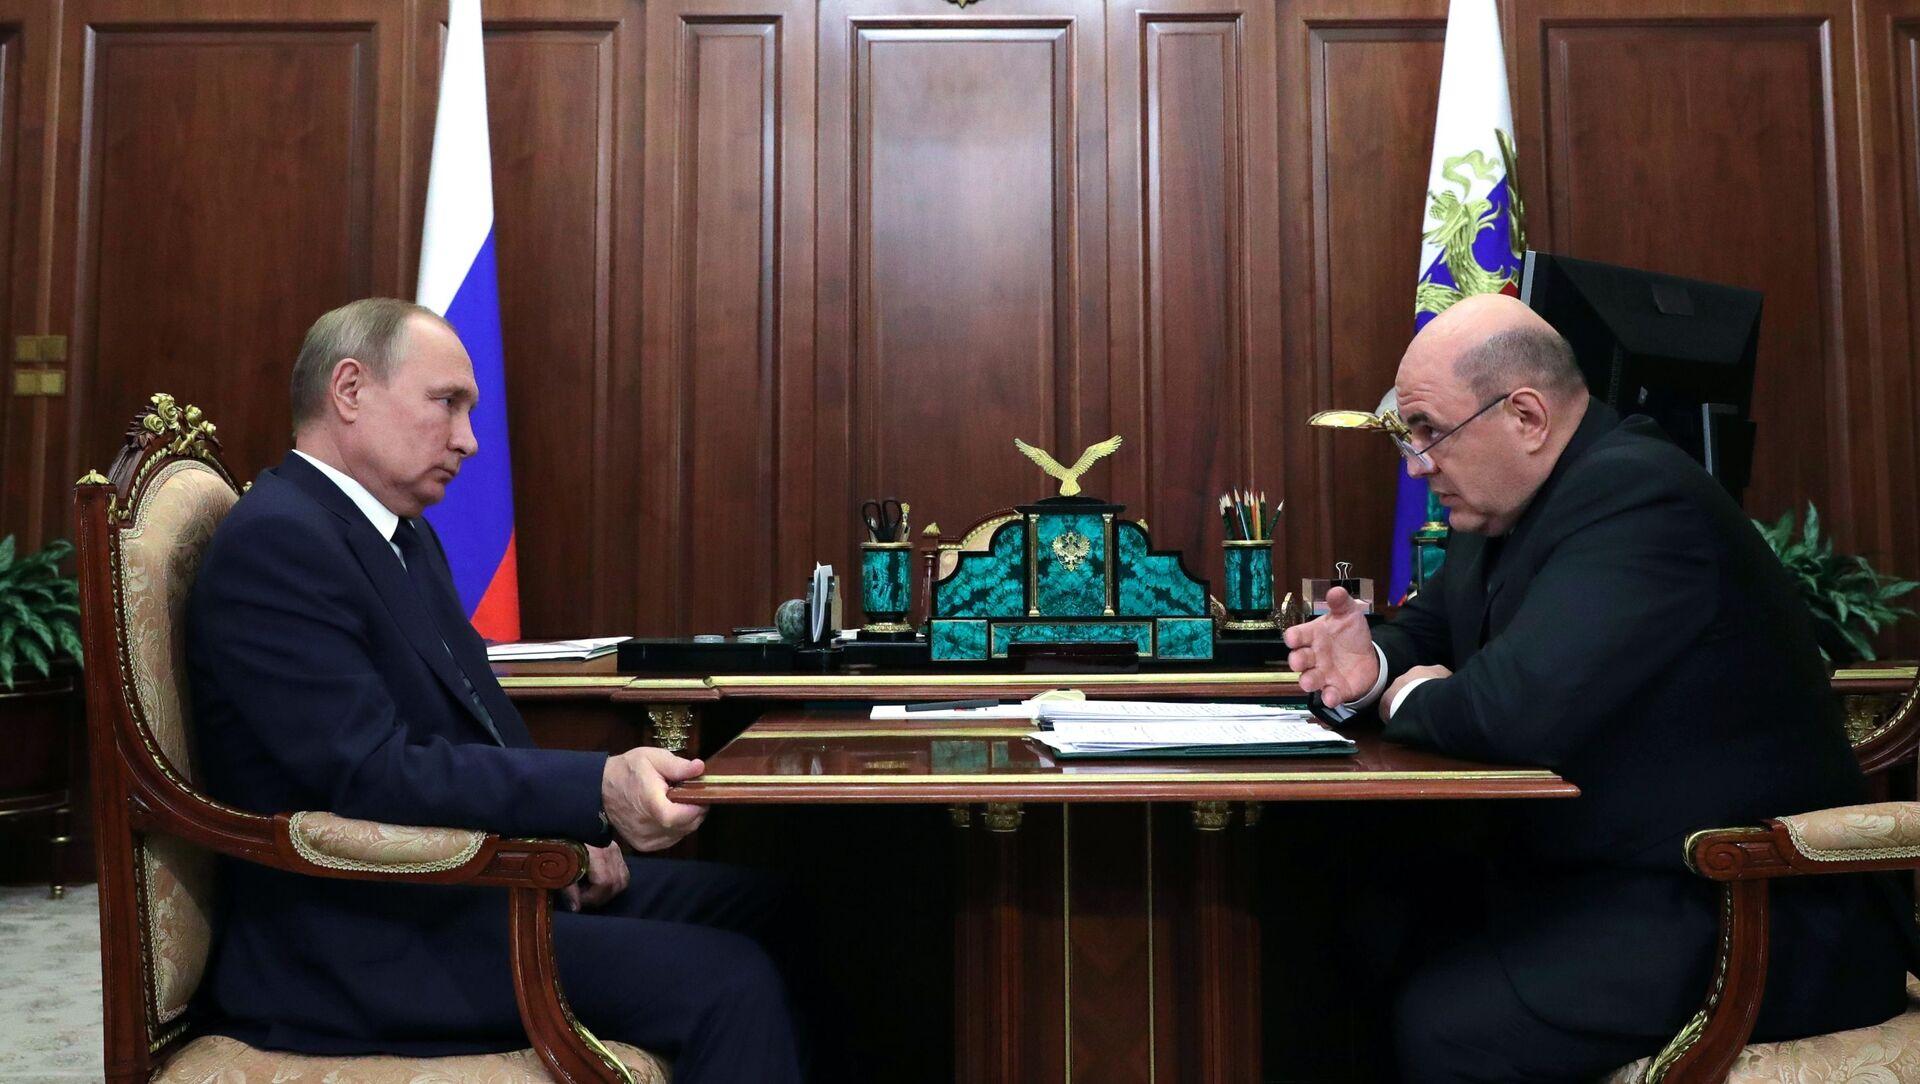 Cuộc gặp giữa Tổng thống LB Nga Vladimir Putin và Thủ tướng mới của Liên bang Nga Mikhail Mishustin - Sputnik Việt Nam, 1920, 23.05.2021